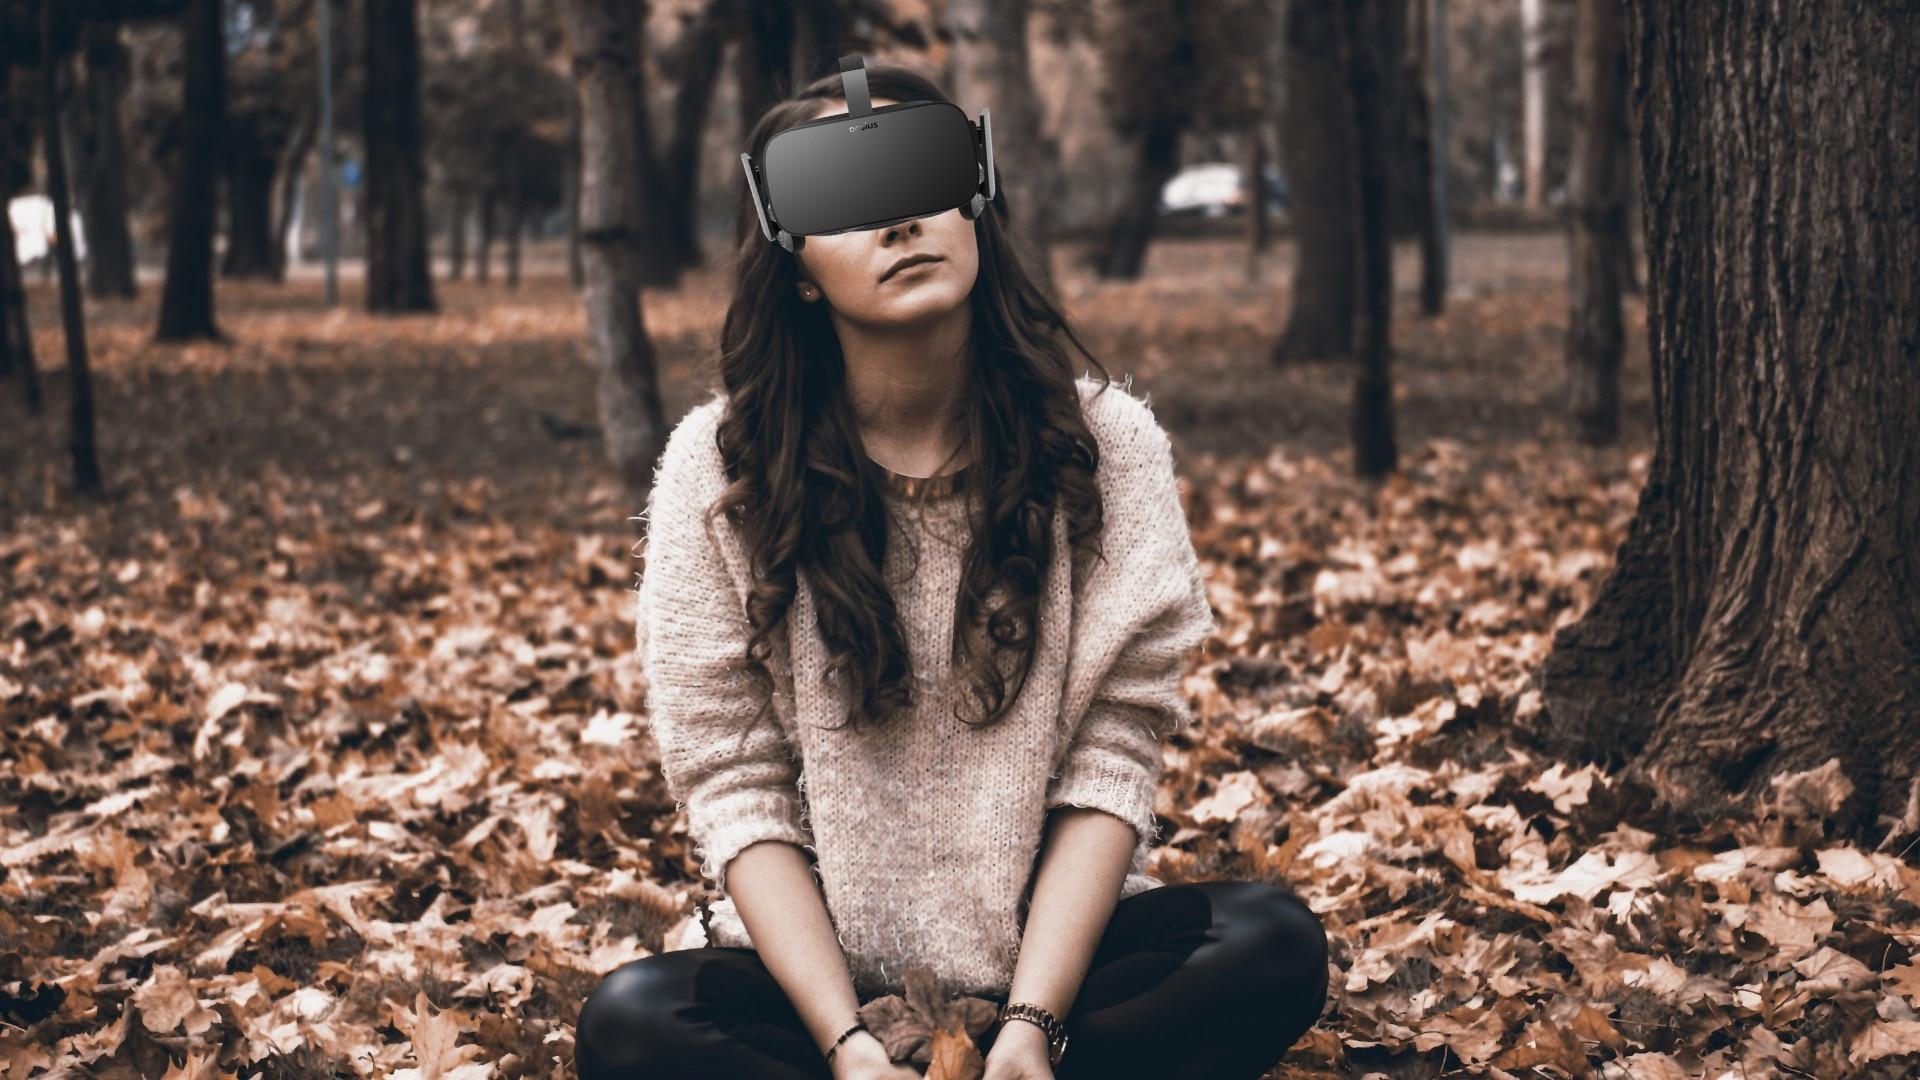 investissements vr ar réalité virtuelle